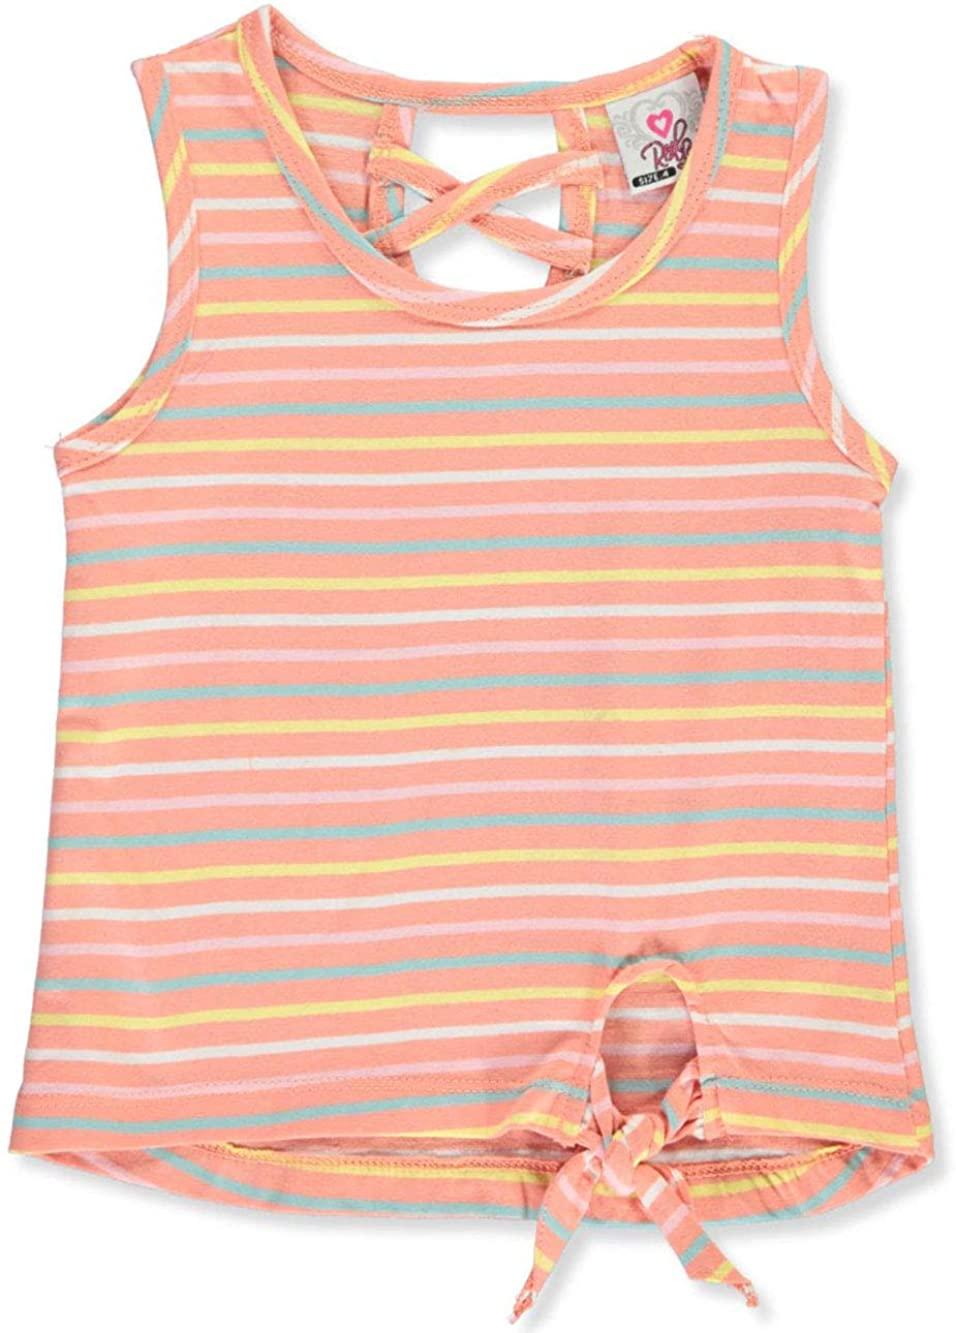 Real Love Toddler Stripe Tank Top - Orange/Multi, 2t